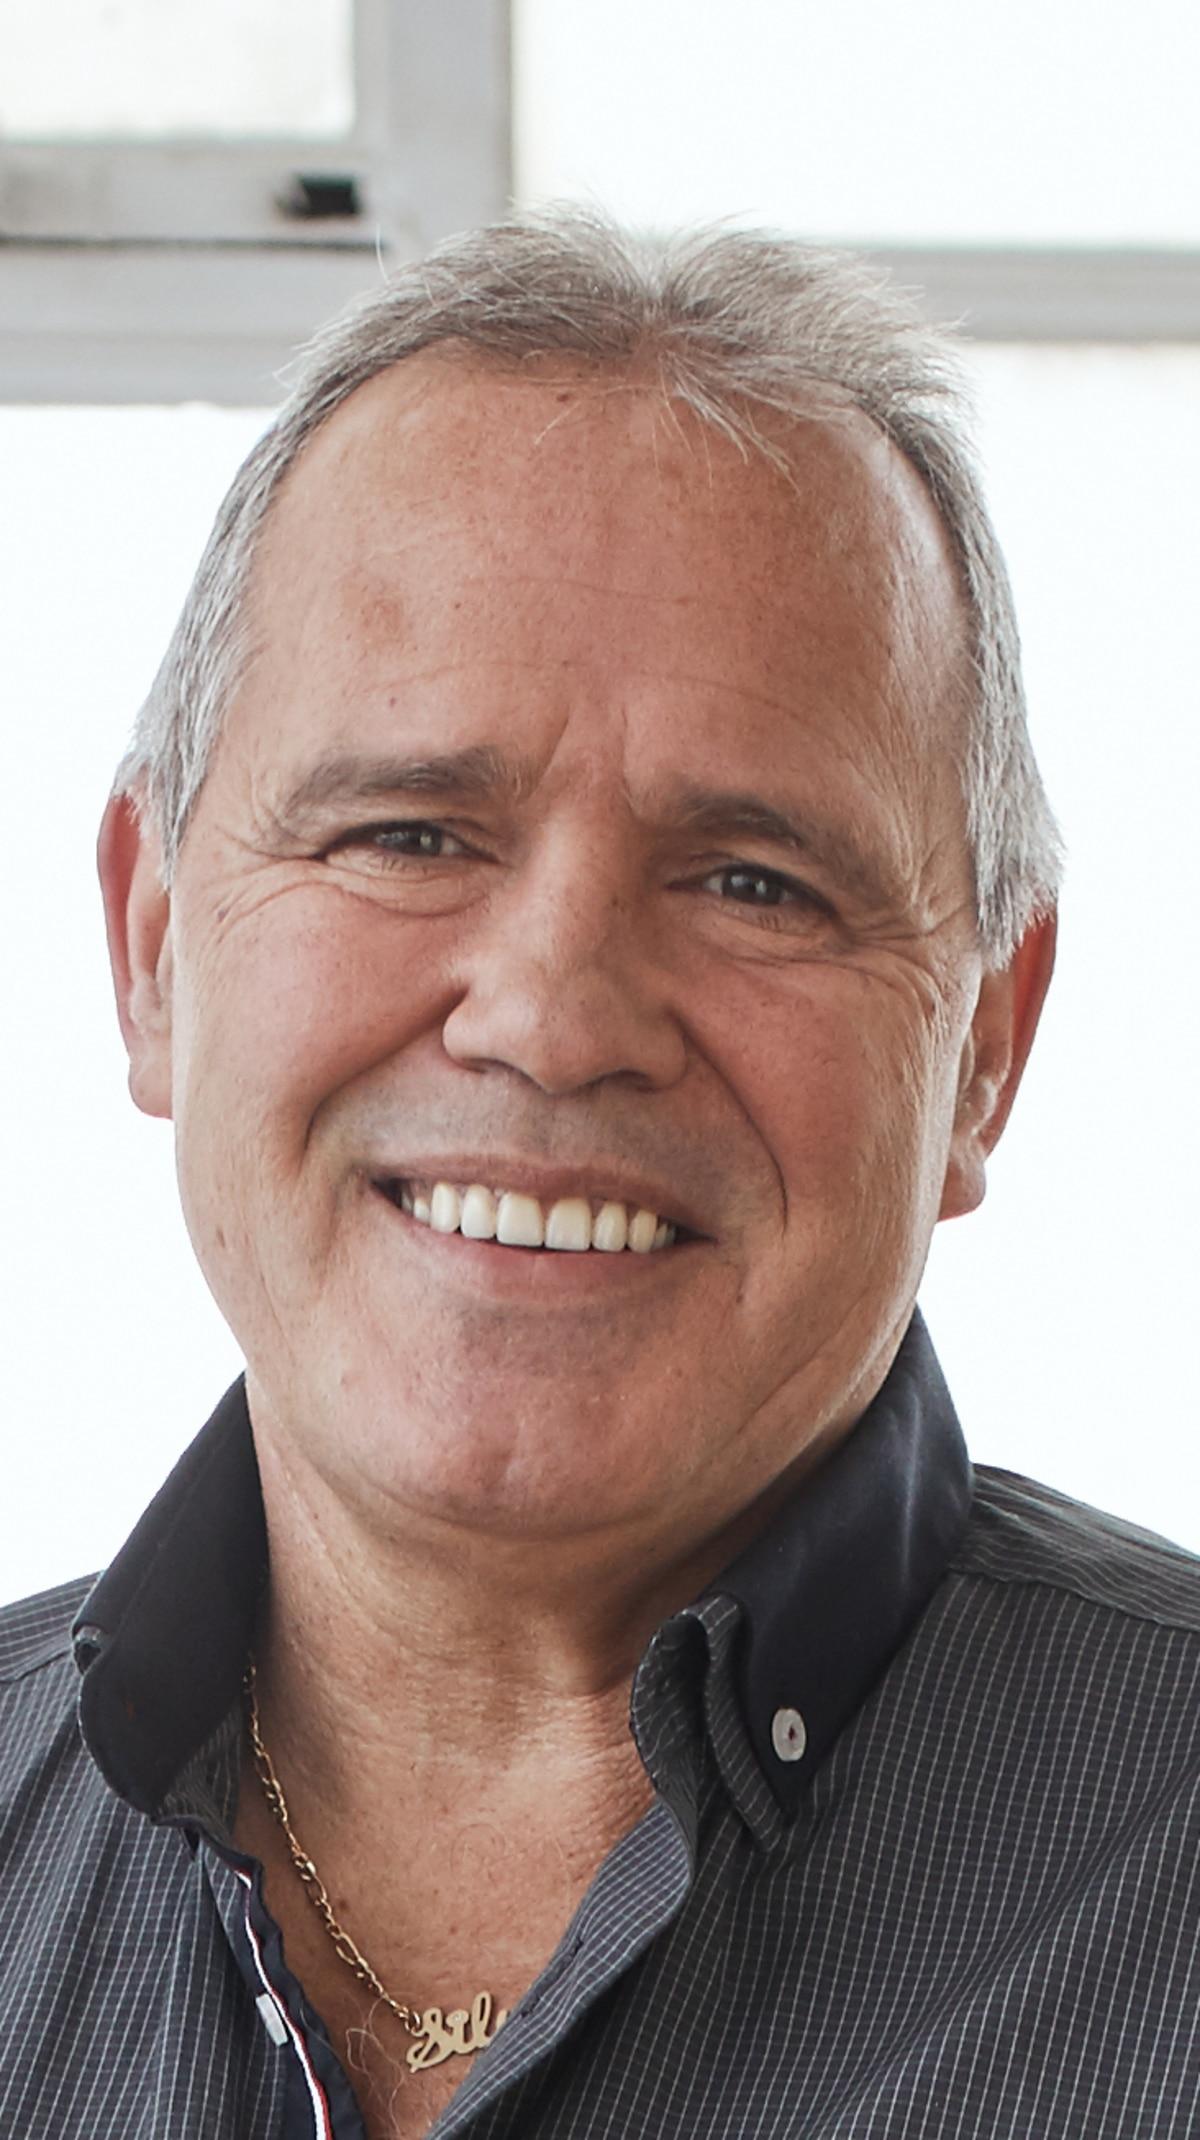 Harald Elsenbast